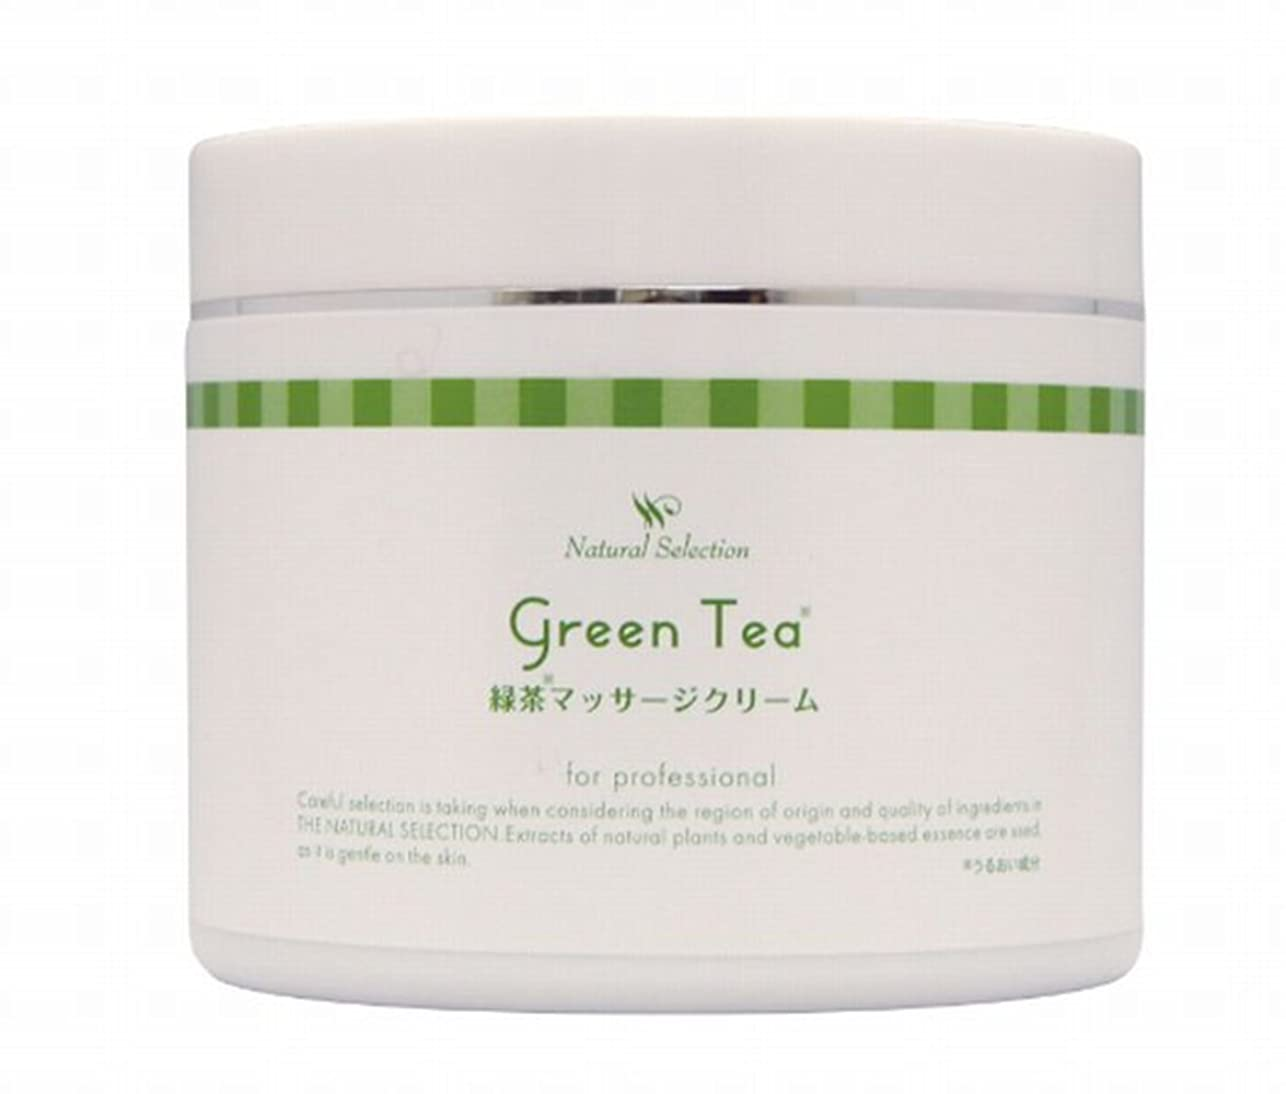 面正午ねじれ緑茶マッサージクリーム(450g)【フットマッサージ】足もみクリーム 2個セット